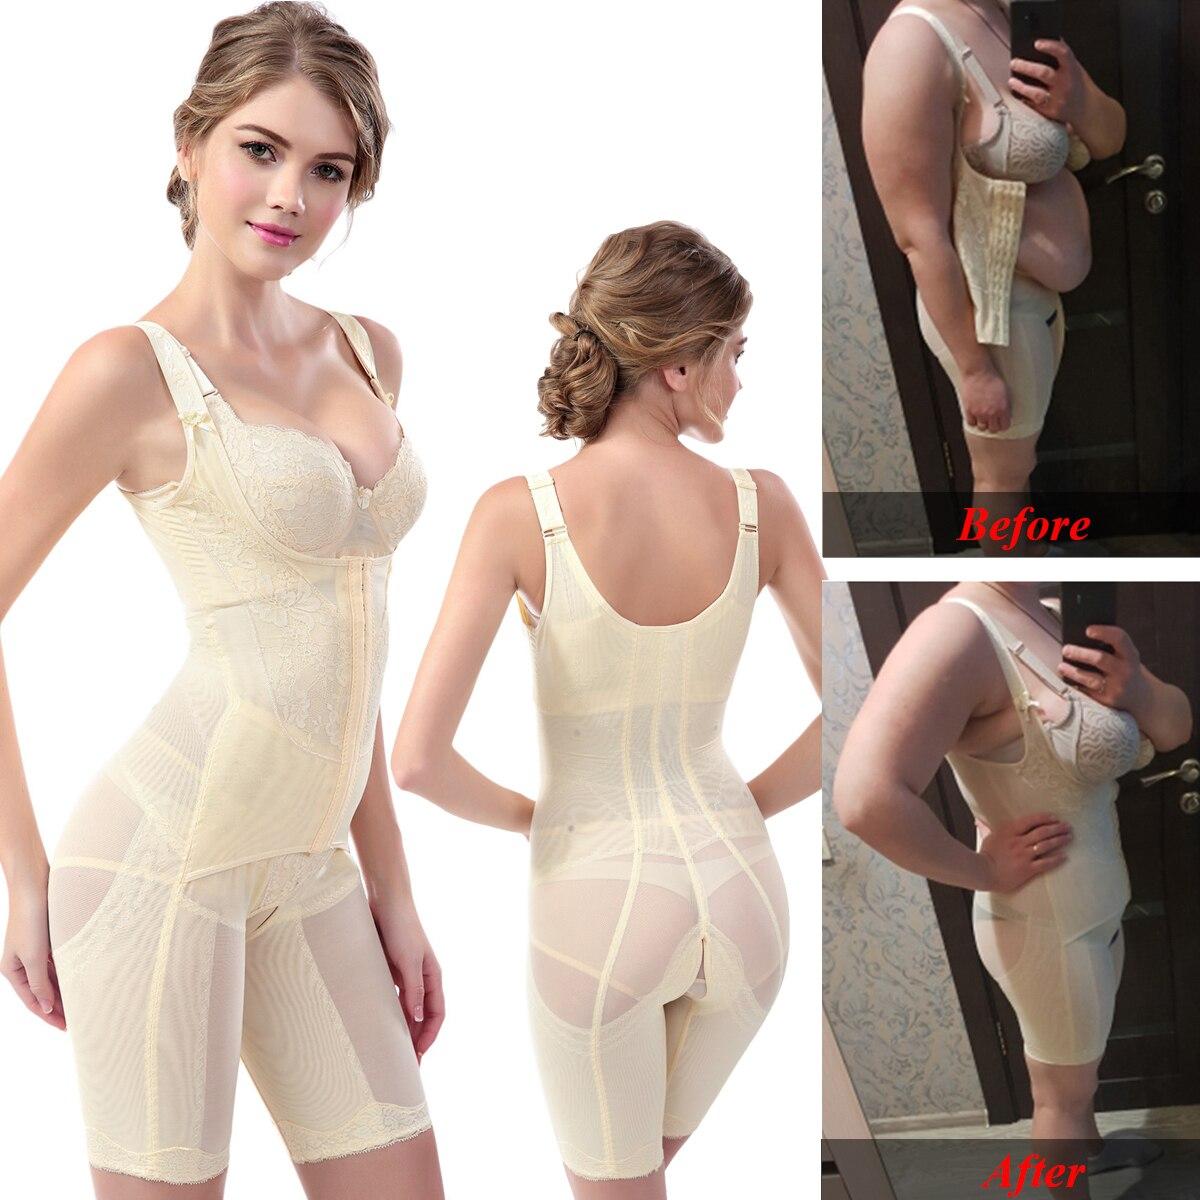 Shaper completo per il corpo Shapewear cinturino per modellare le donne controllo della pancia intimo dimagrante vita senza cuciture Shaper modellante Butt Lifer corsetto 1